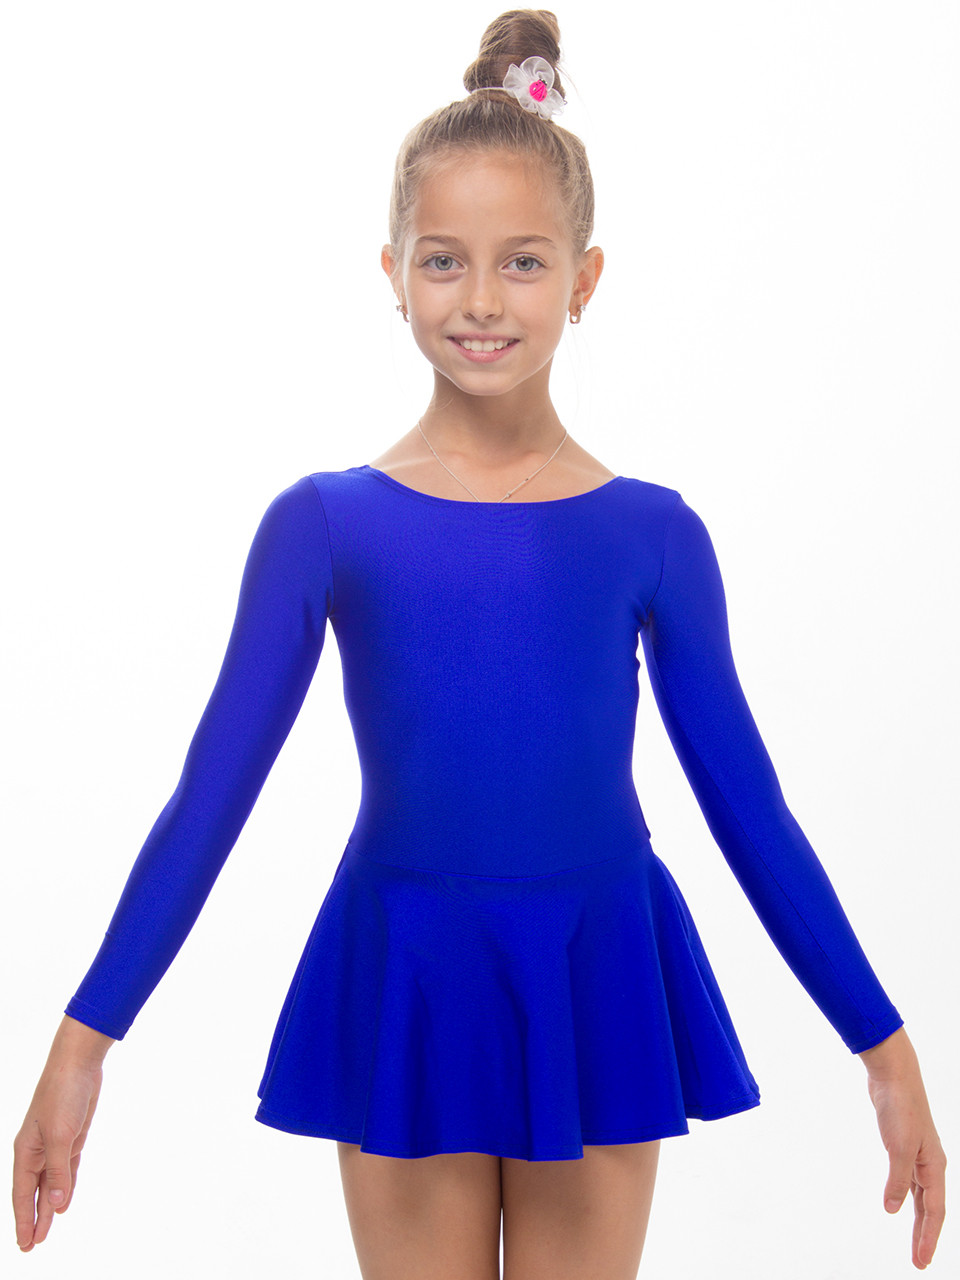 15b33627fb364 Купальники для танцев и гимнастики с юбкой ЭЛЕКТРИК - Интернет-магазин